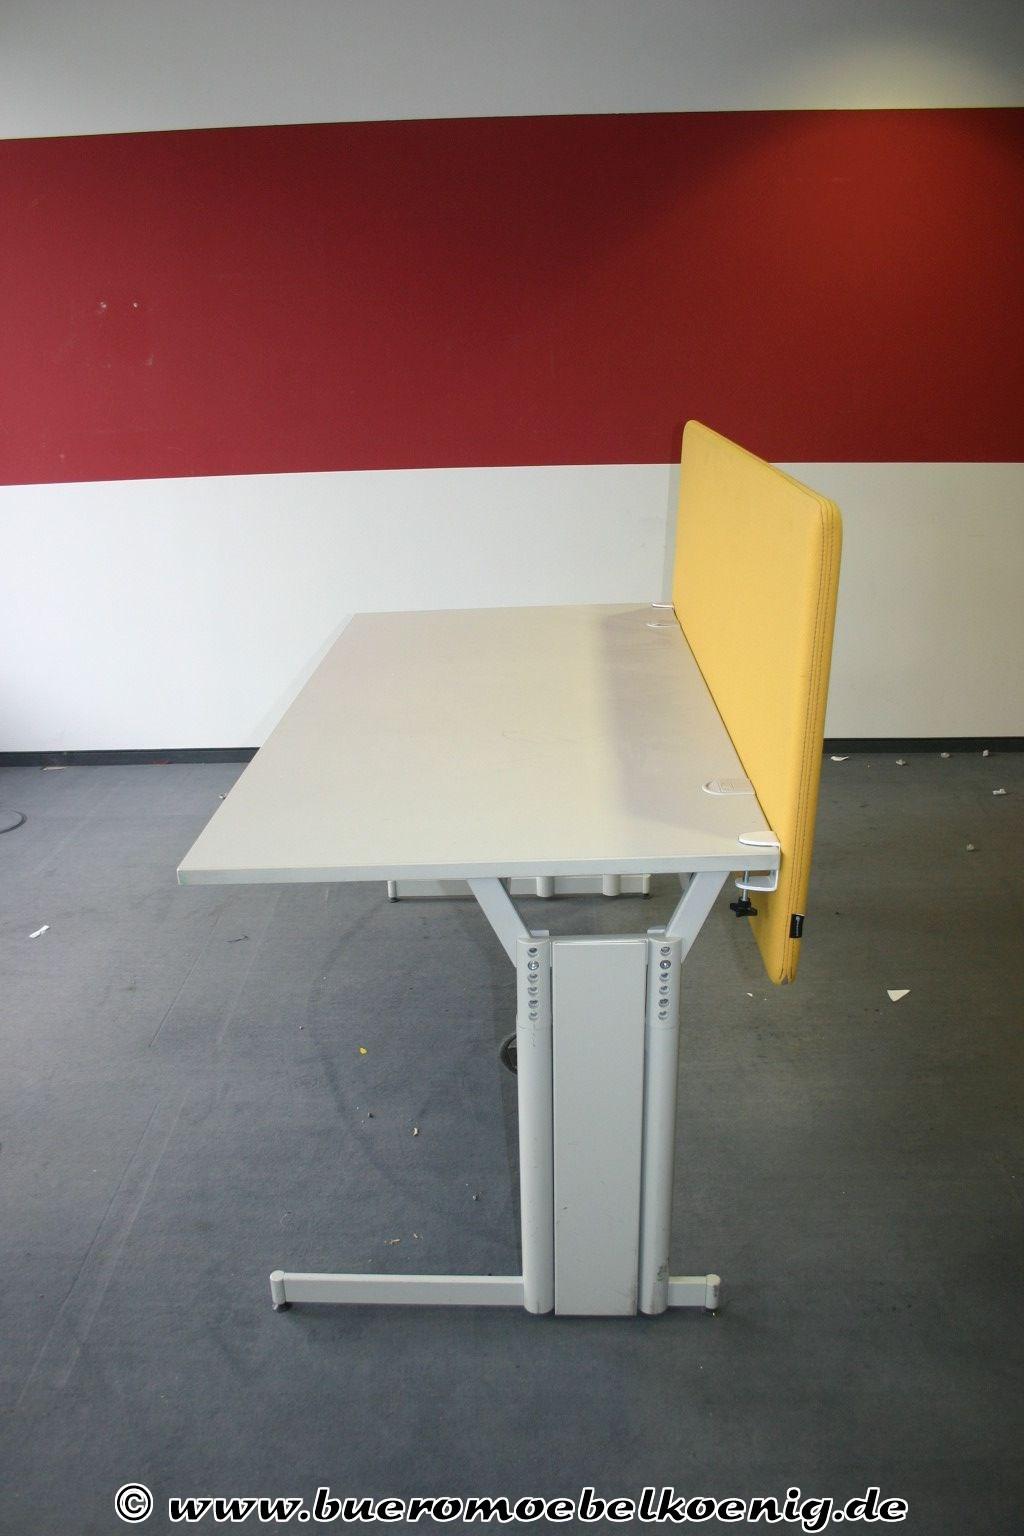 Trennwand f r schreibtisch in gelb von g tessons for Schreibtisch trennwand